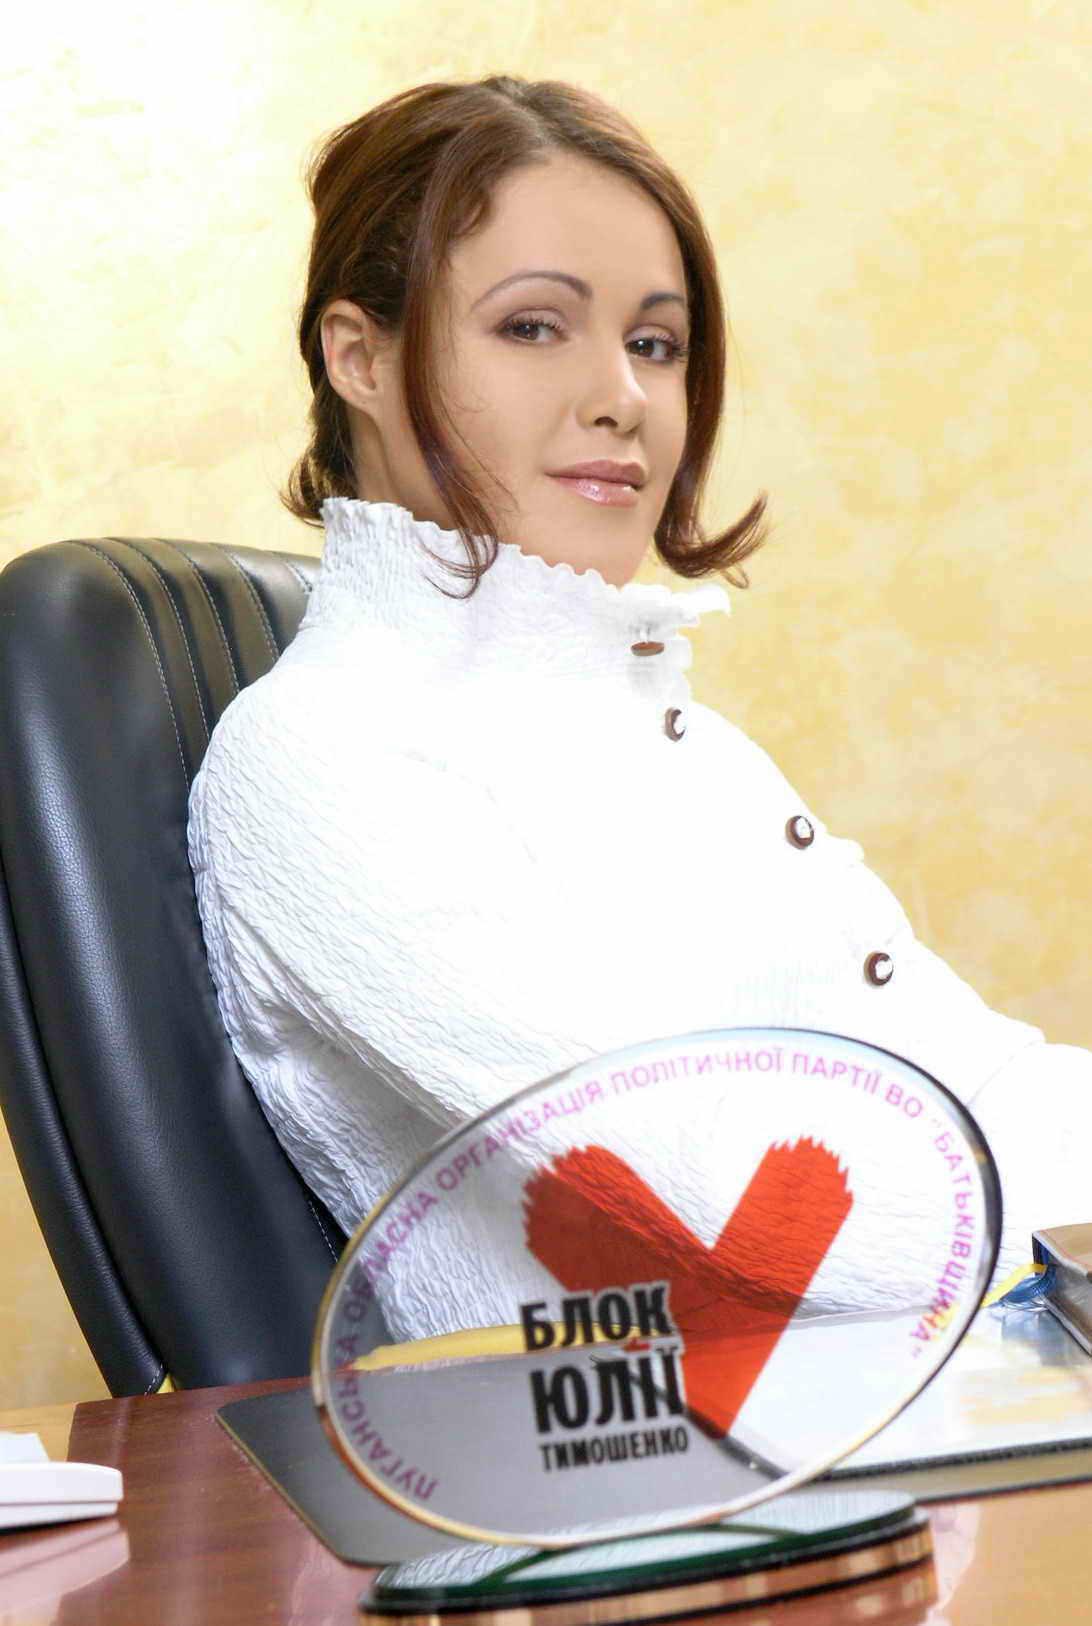 Тимошенко под юбкой 14 фотография